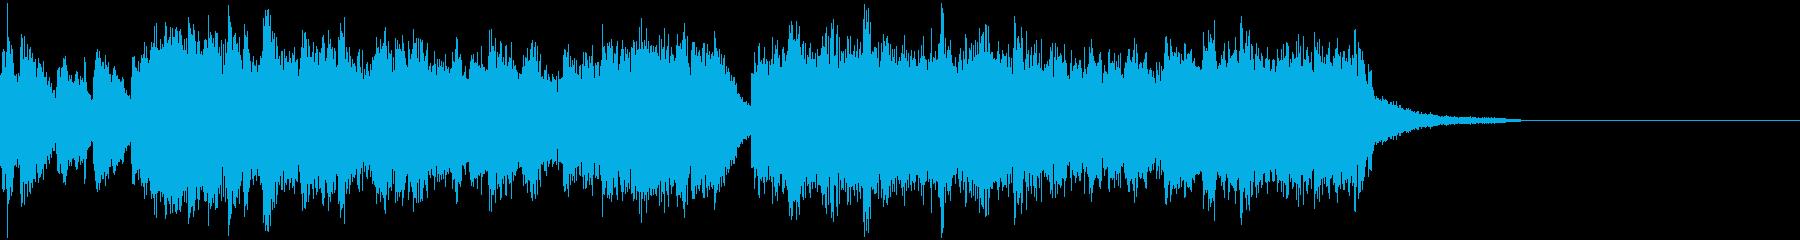 短いワクワクオープニングの再生済みの波形